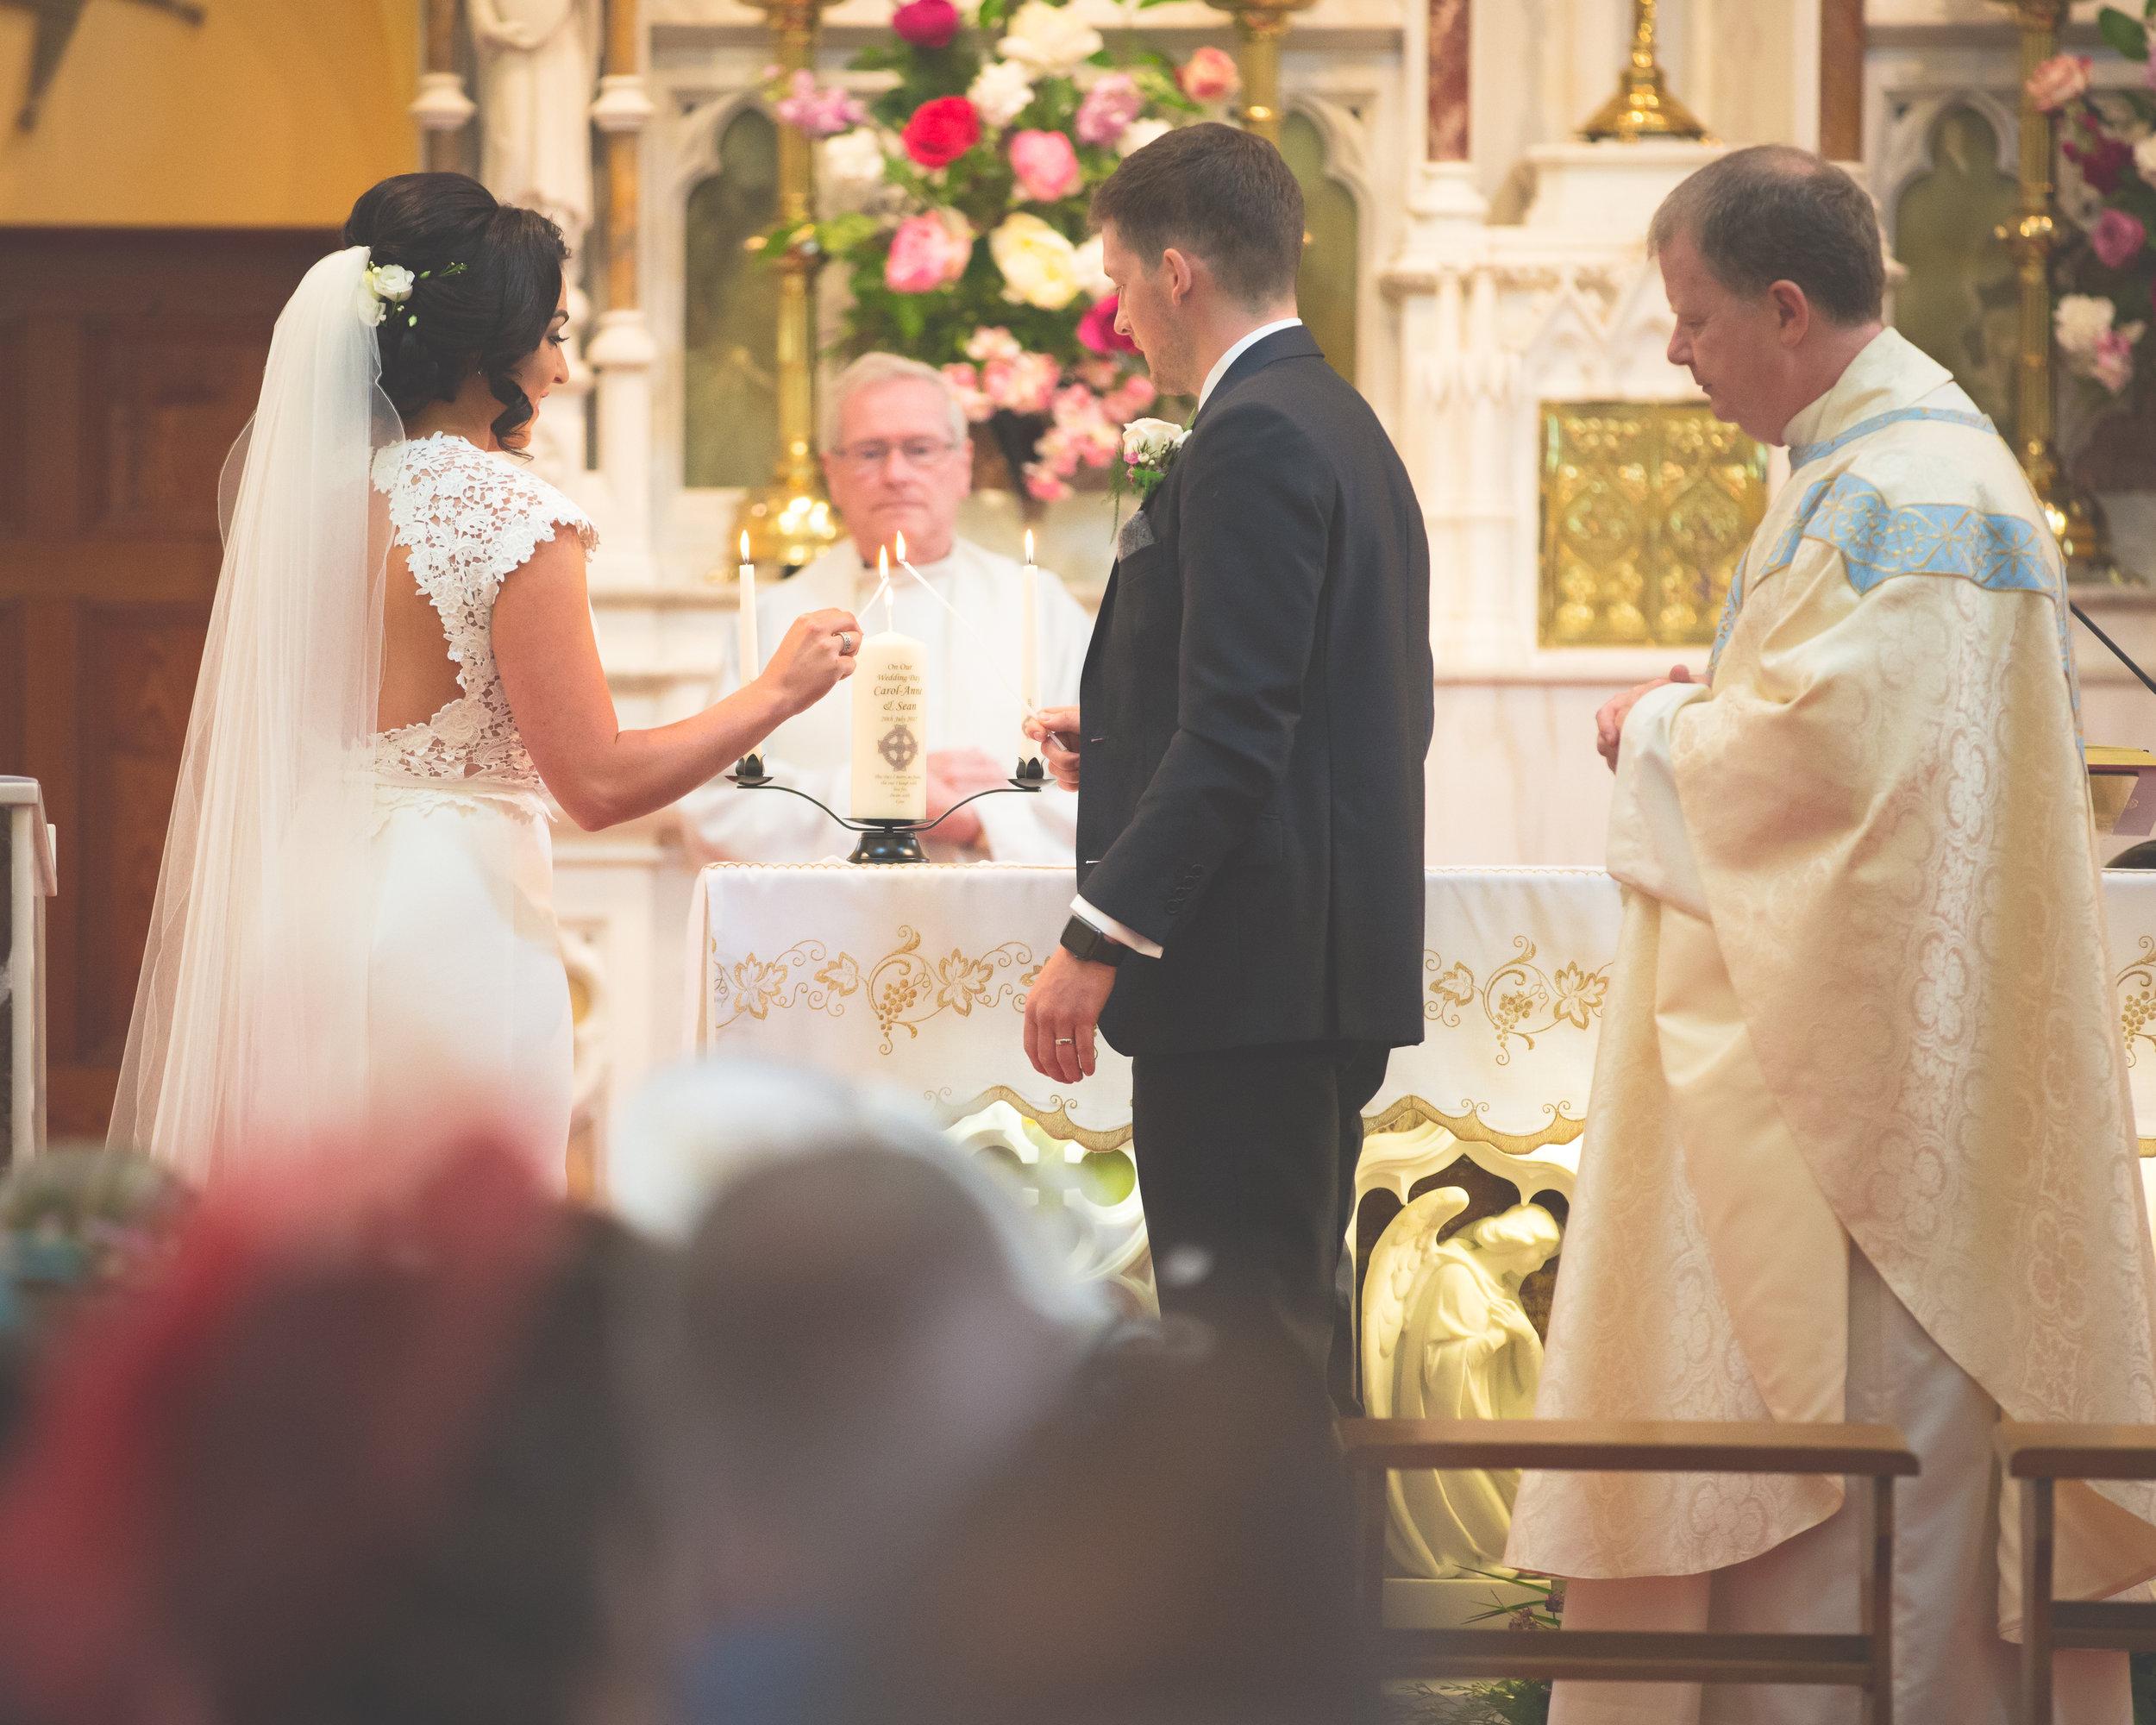 Brian McEwan Wedding Photography   Carol-Anne & Sean   The Ceremony-52.jpg